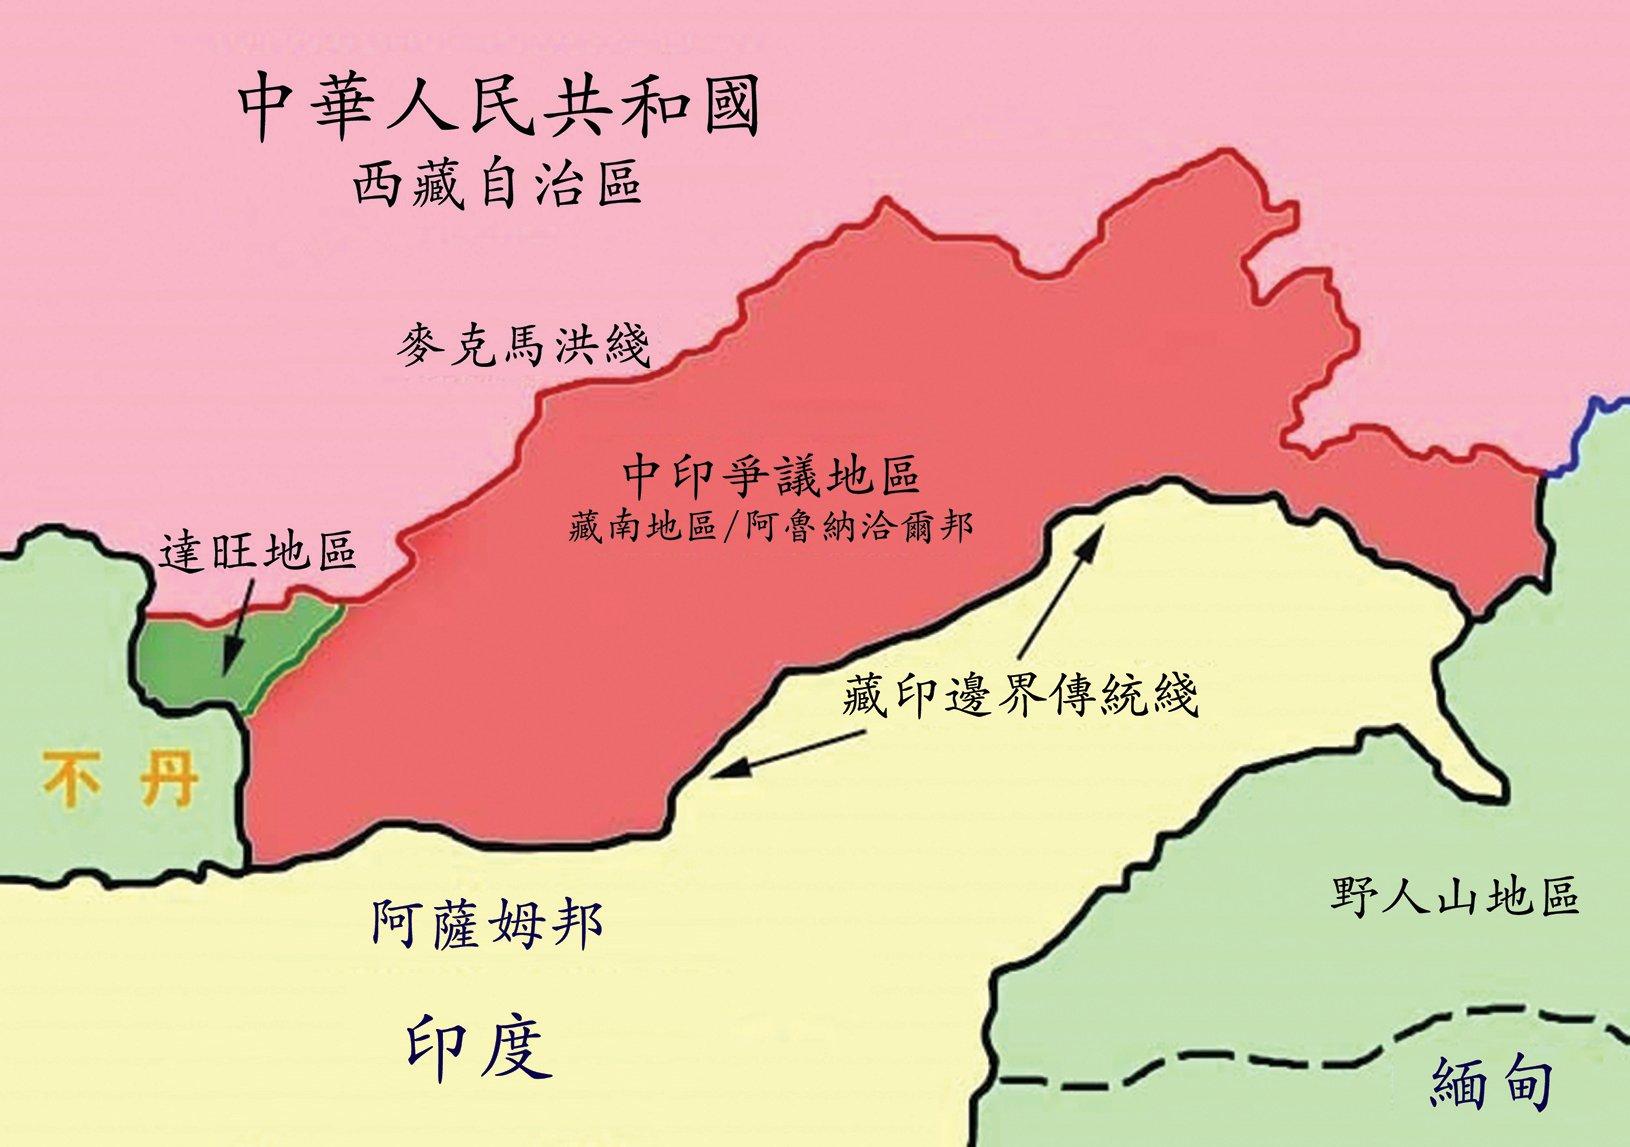 中華民國一直拒絕承認將傳統上西藏擁有的約9萬平方公里領土劃進印度的「麥克馬洪綫」,但中共建政後,諱談「麥克馬洪綫」,縱容印度對西藏地區的侵略擴張,終成邊境危機。(維基百科)